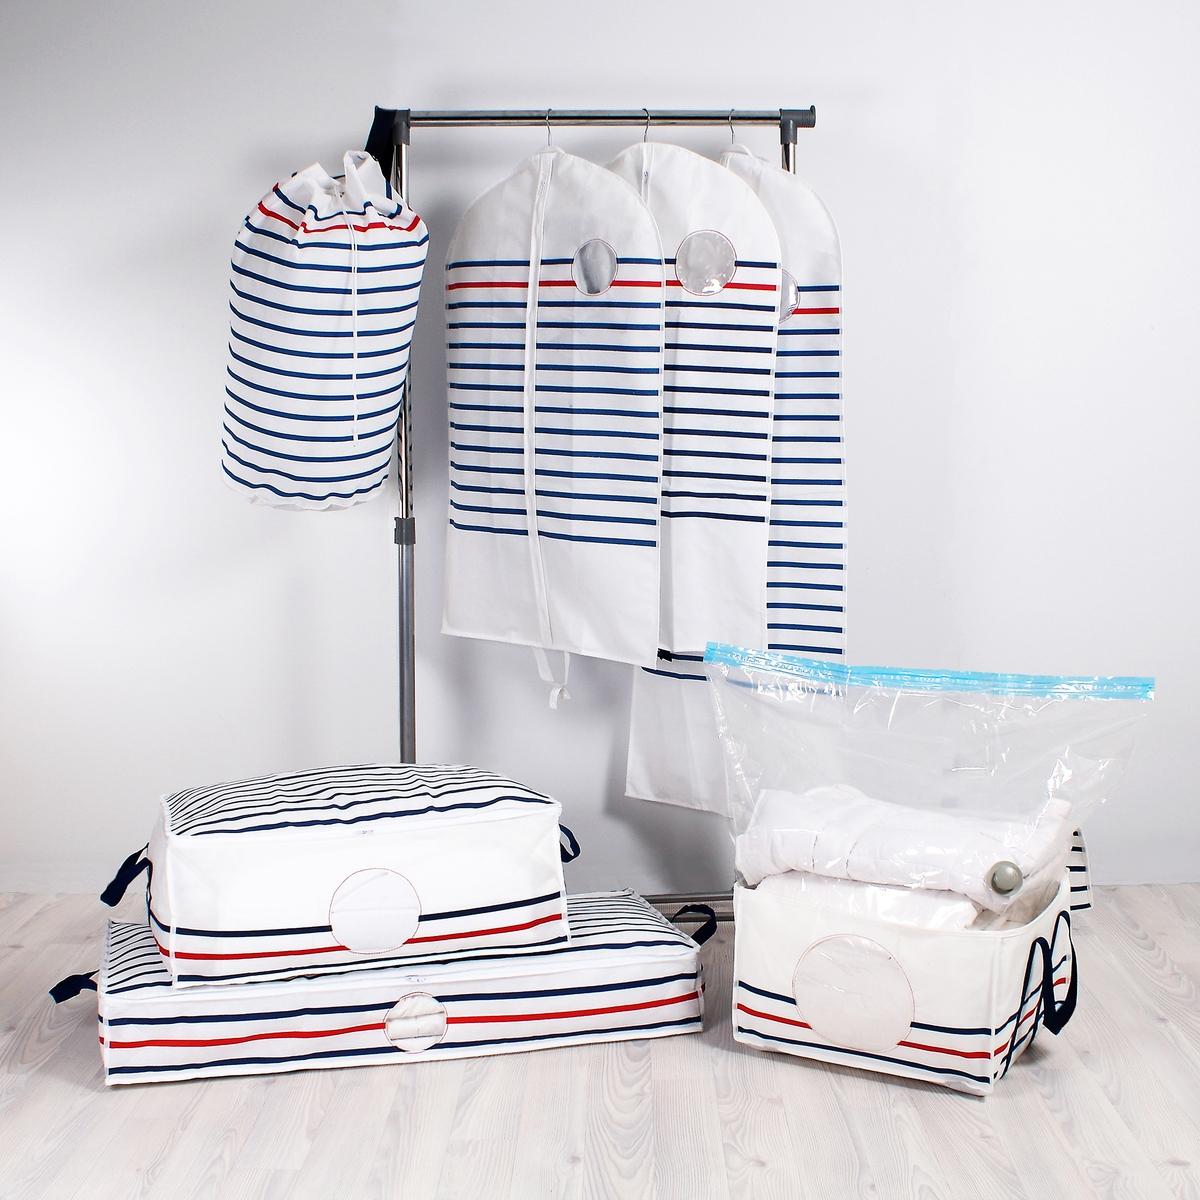 Комплект из 2 чехлов для одежды BazilХраните одежду и организуйте пространство с помощью защитных чехлов с принтом в морском стиле. Комплект из 2 чехлов. Подходят для длинной одежды.Характеристики чехла:- Нетканый, 100% полипропилена, с принтом в голубую/красную полоску на белом фоне.- 2 ручки для переноски позволяют сложить чехол вдвое, отверстие для вешалки-плечиков.- Застежка на молнию.- Прозрачная вставка.Размеры чехла:Ширина 60 см.Высота 135 см (для пальто).Найдите все чехлы для хранения Bazil на сайте laredoute.ru.<br><br>Цвет: в полоску белый/темно-синий